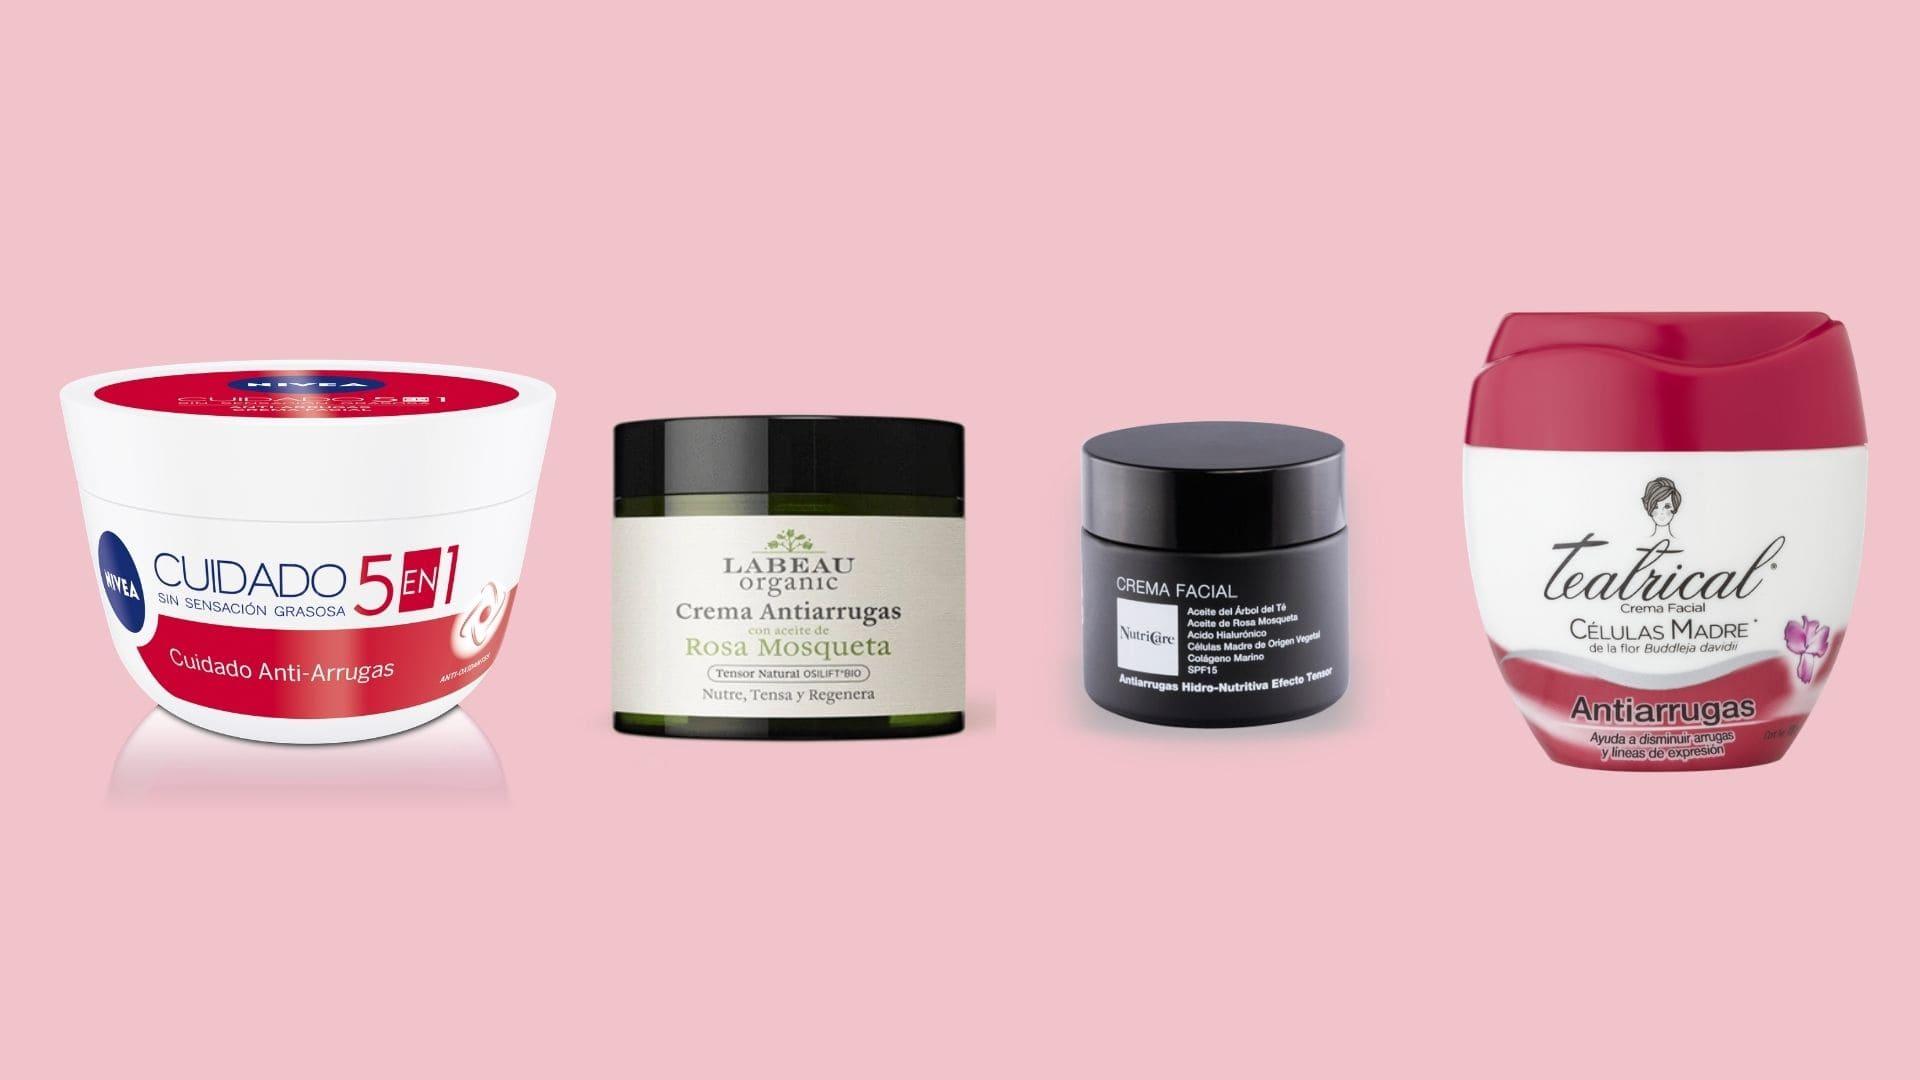 Crema Antiarrugas Cuál Es La Mejor 2021 Según Dermatólogos